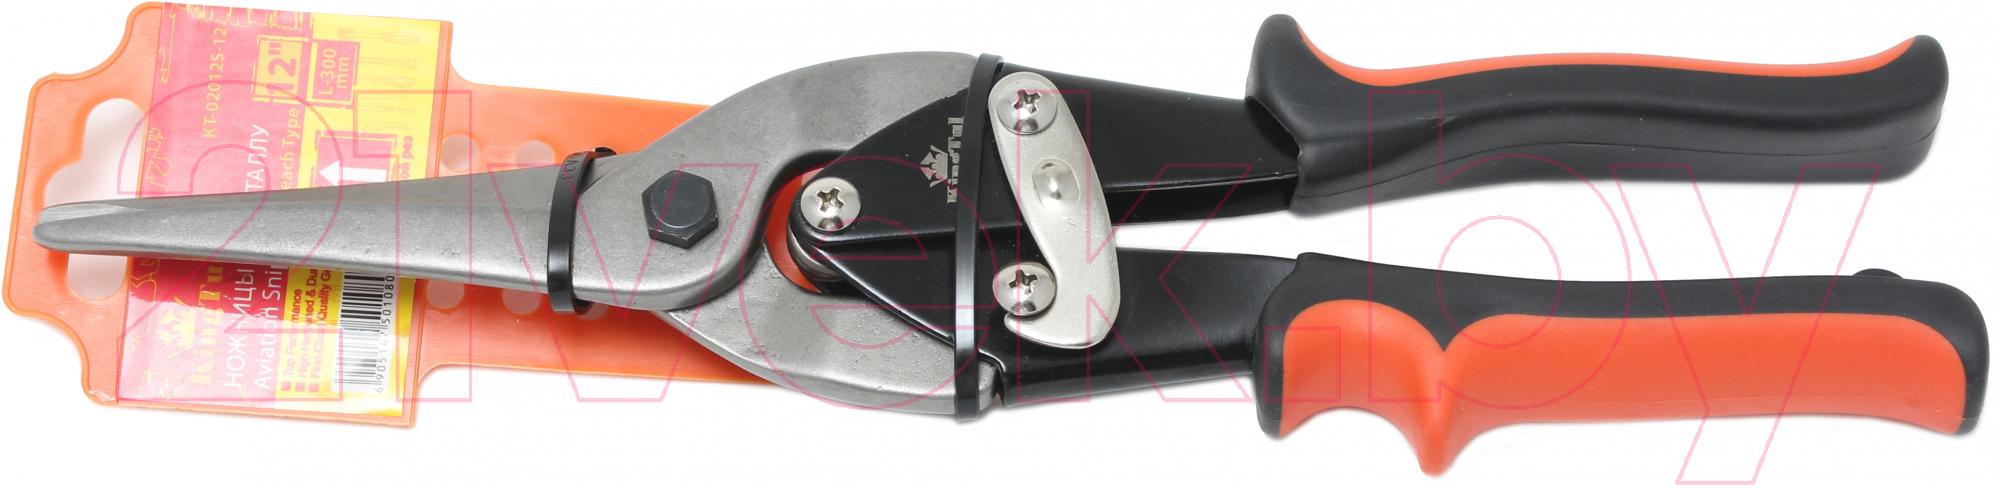 Купить Ножницы по металлу KingTul, KT-02012S-12, Китай